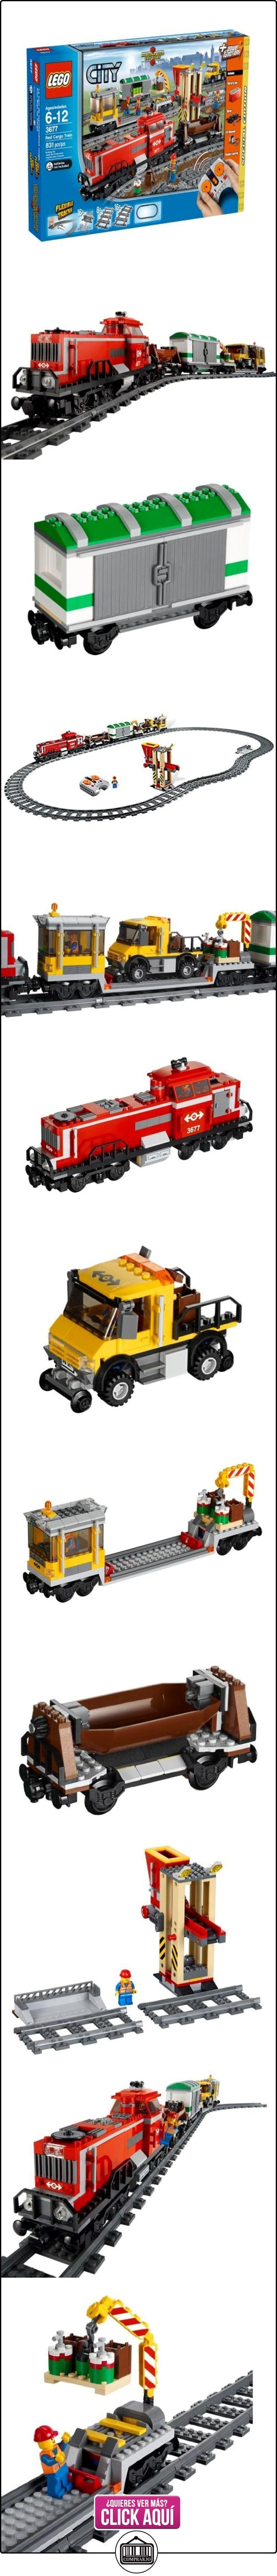 LEGO City - Tren de carga rojo con pista  ✿ Lego - el surtido más amplio ✿ ▬► Ver oferta: https://comprar.io/goto/B005DROHGS